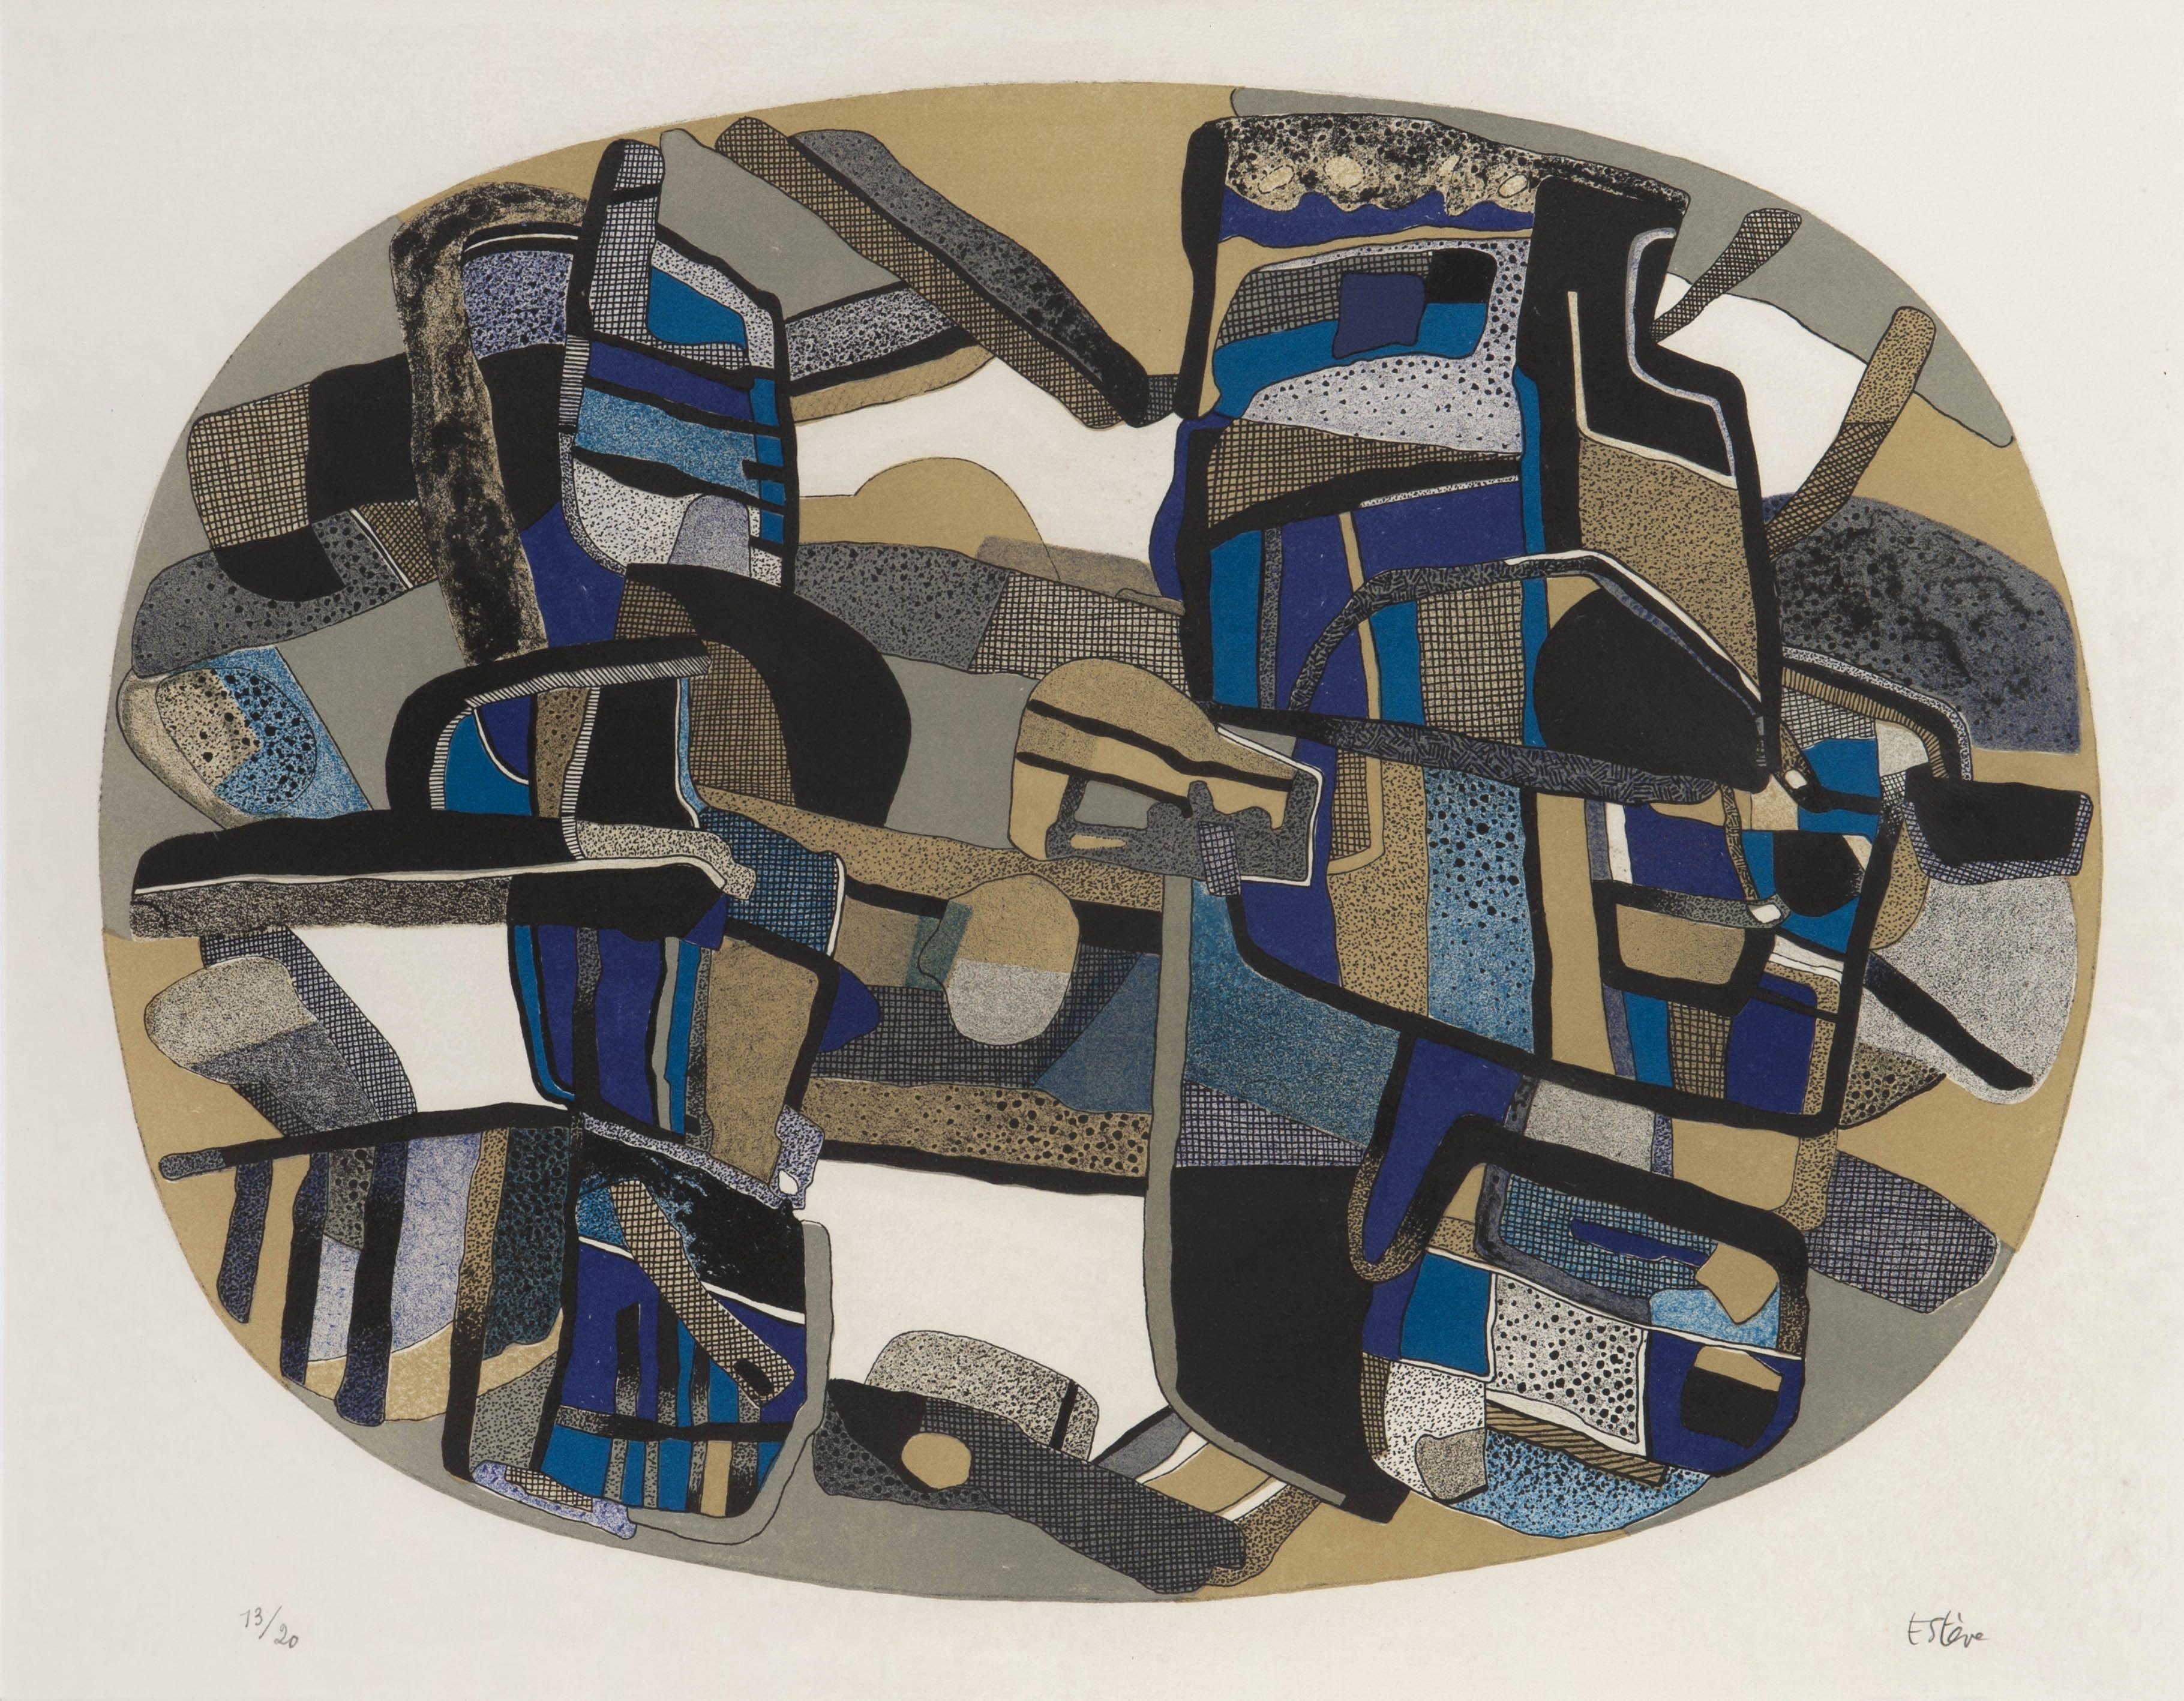 Maurice Esteve - Fouraille, 1980; lithographie en couleurs